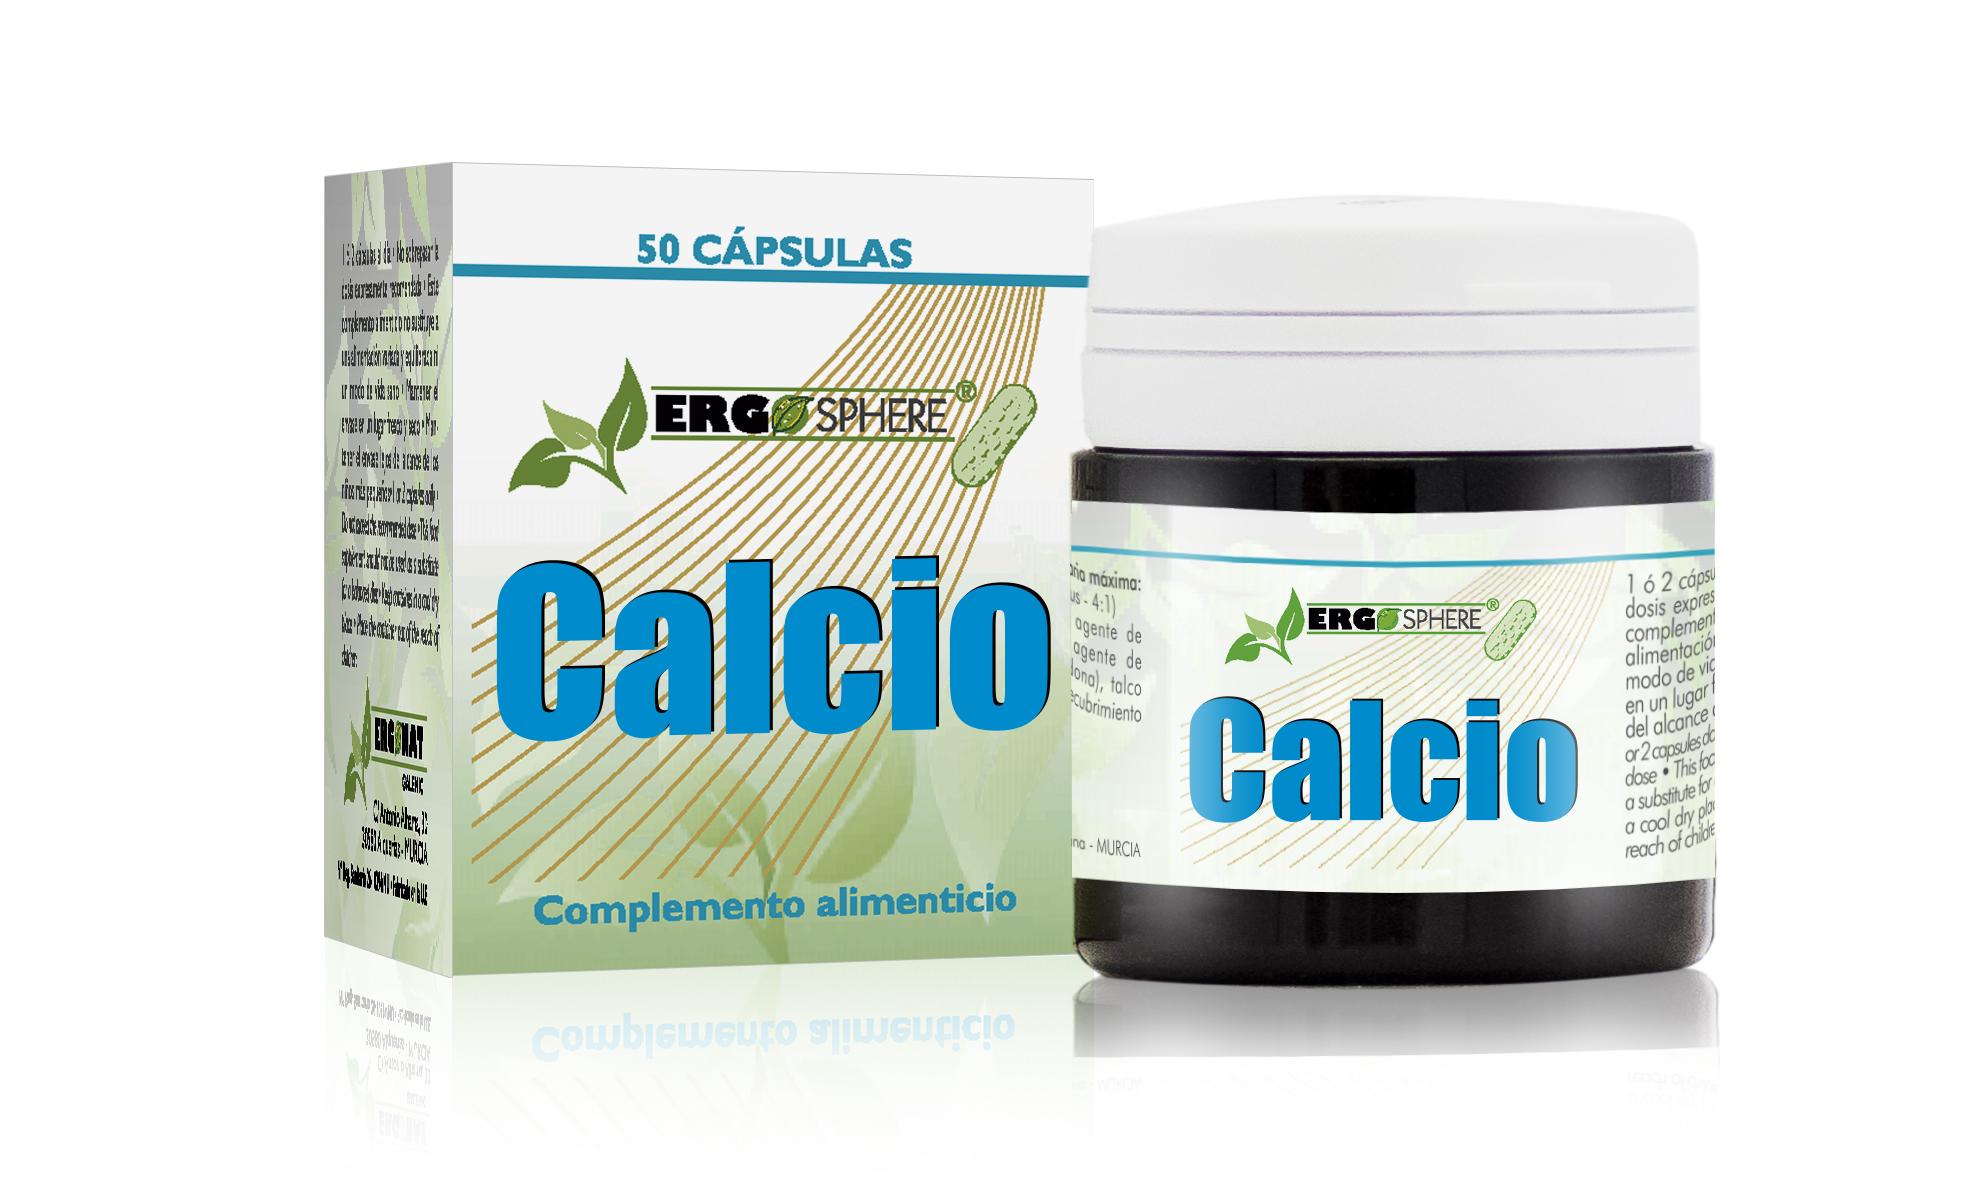 Calcio-microgranulos-50-Capsulas